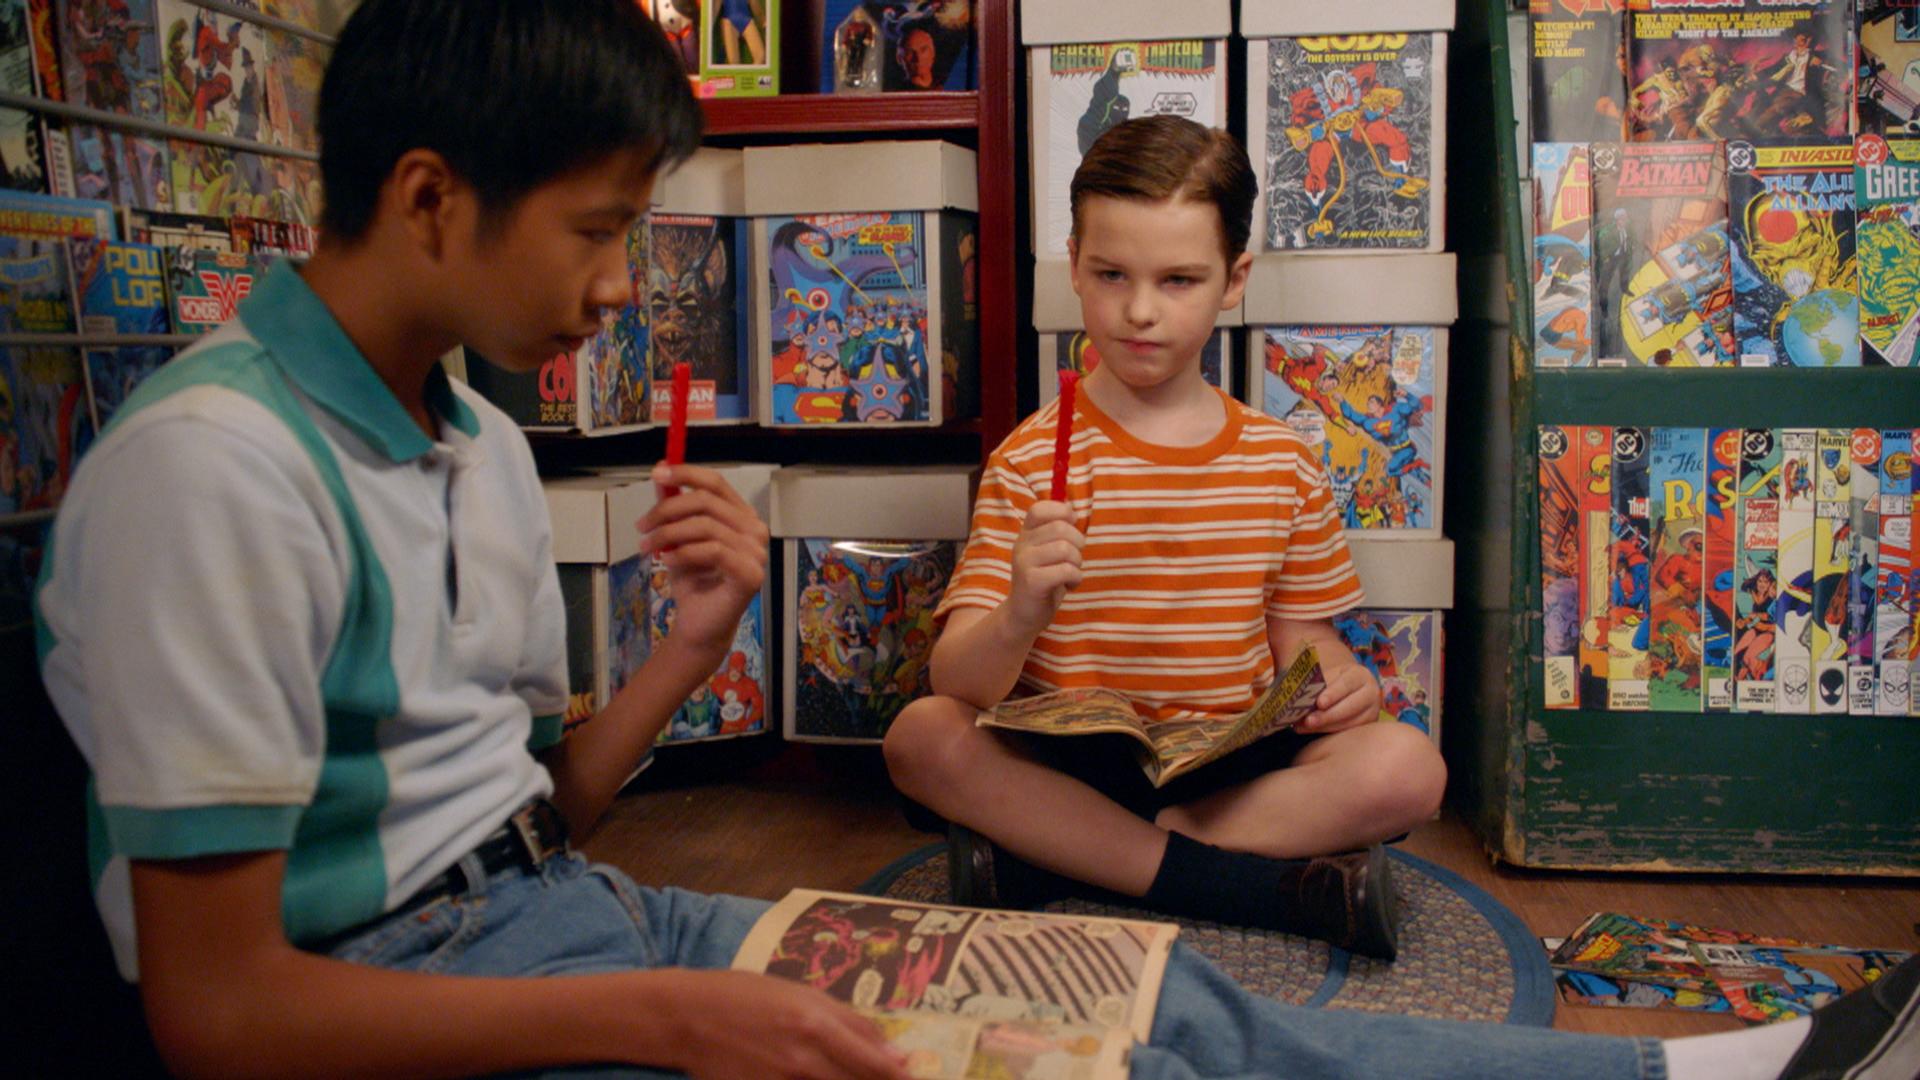 Young Sheldon  meilleures séries à voir en 2018 série comique spin off de The Big Bang Theorie Sheldon cooper - série à regarder cet été